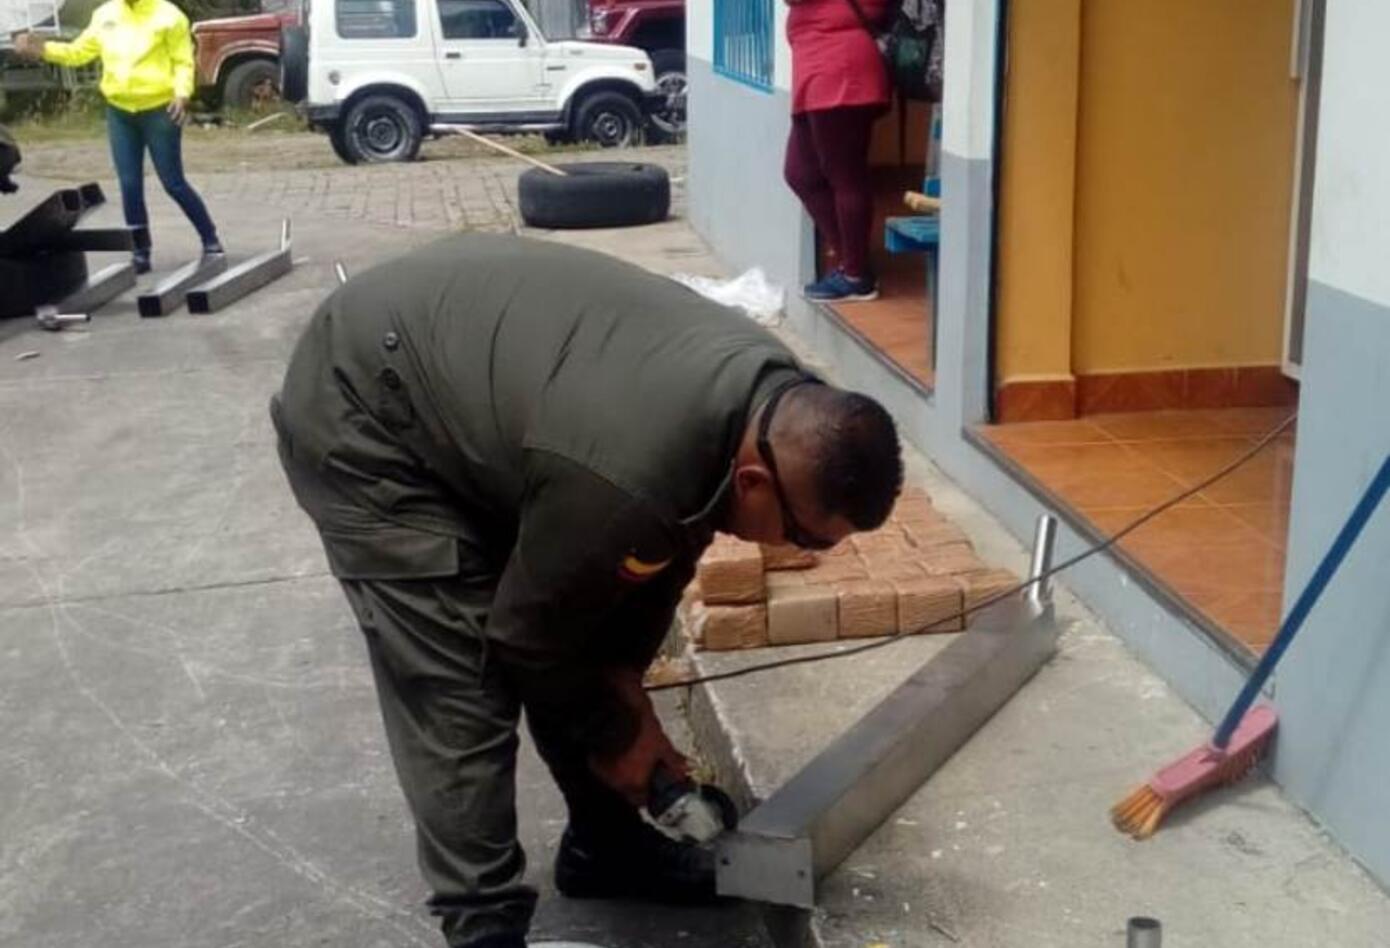 La Policía encontró el estupefaciente al interior de unas lampara solares.